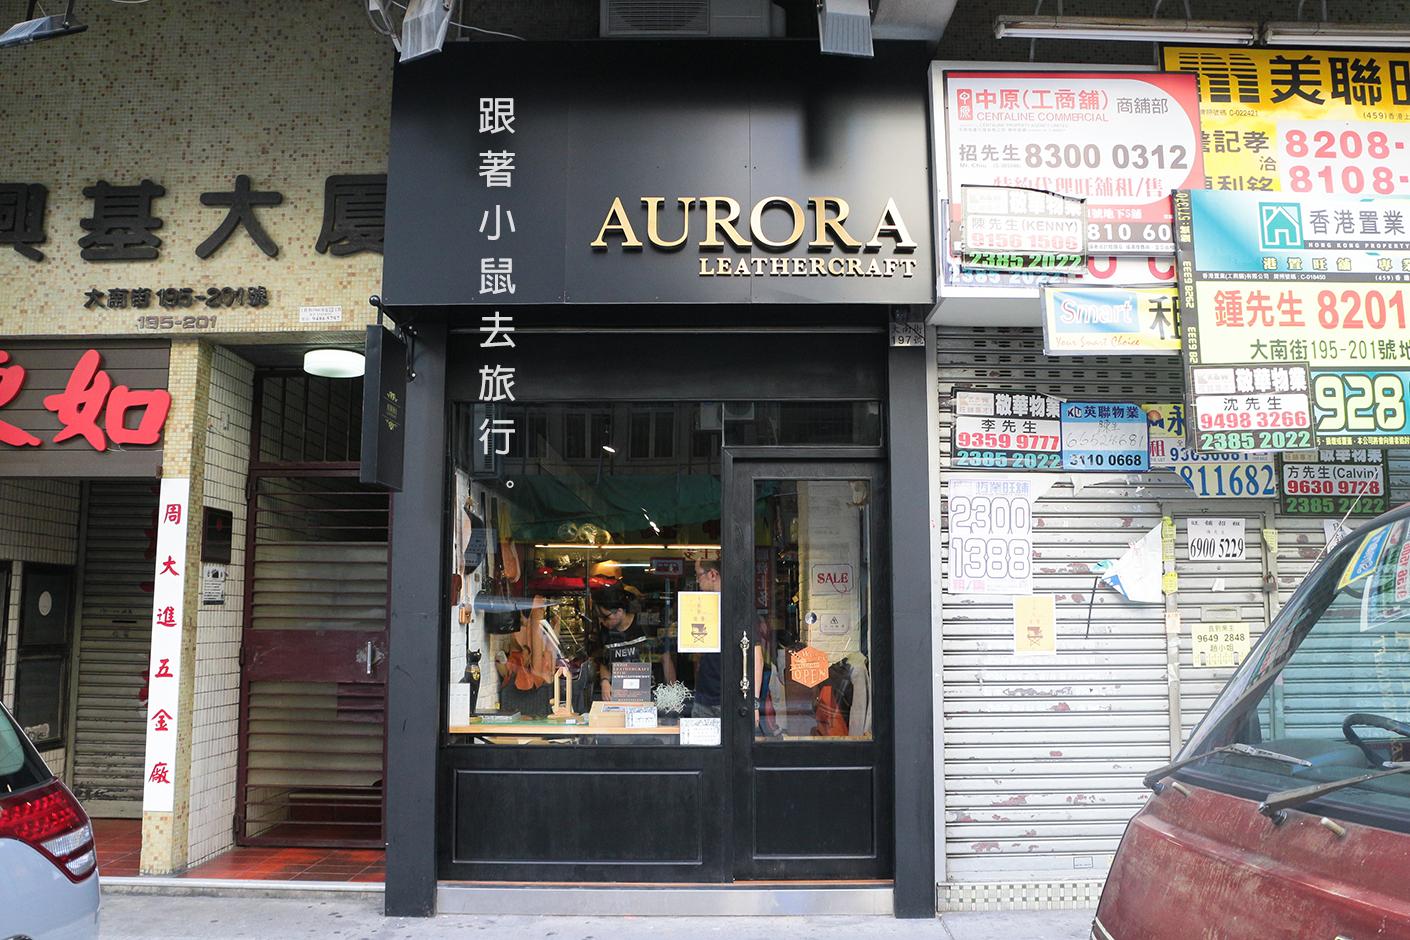 手作 深水埗 藝遊 皮革店 南昌街 大南街 AURORA Leatherware